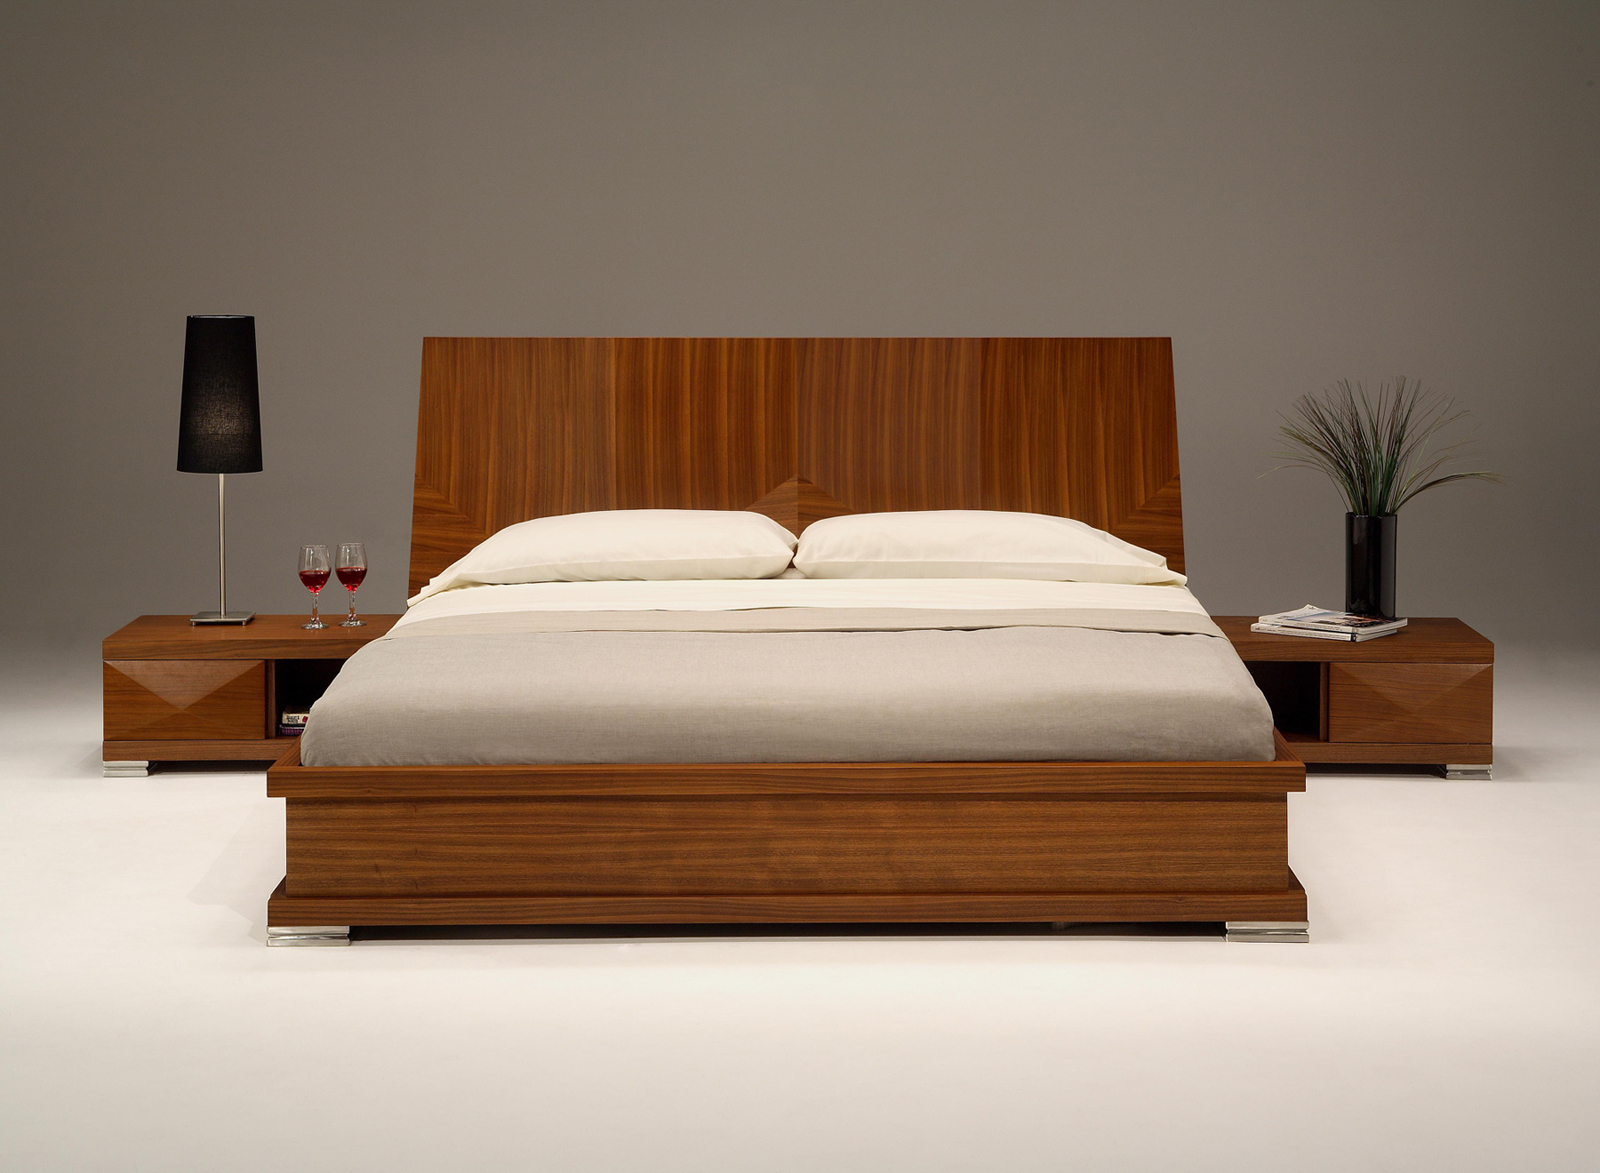 Bedroom Furniture Products Mi Casa Trinidad In Trinidad Www